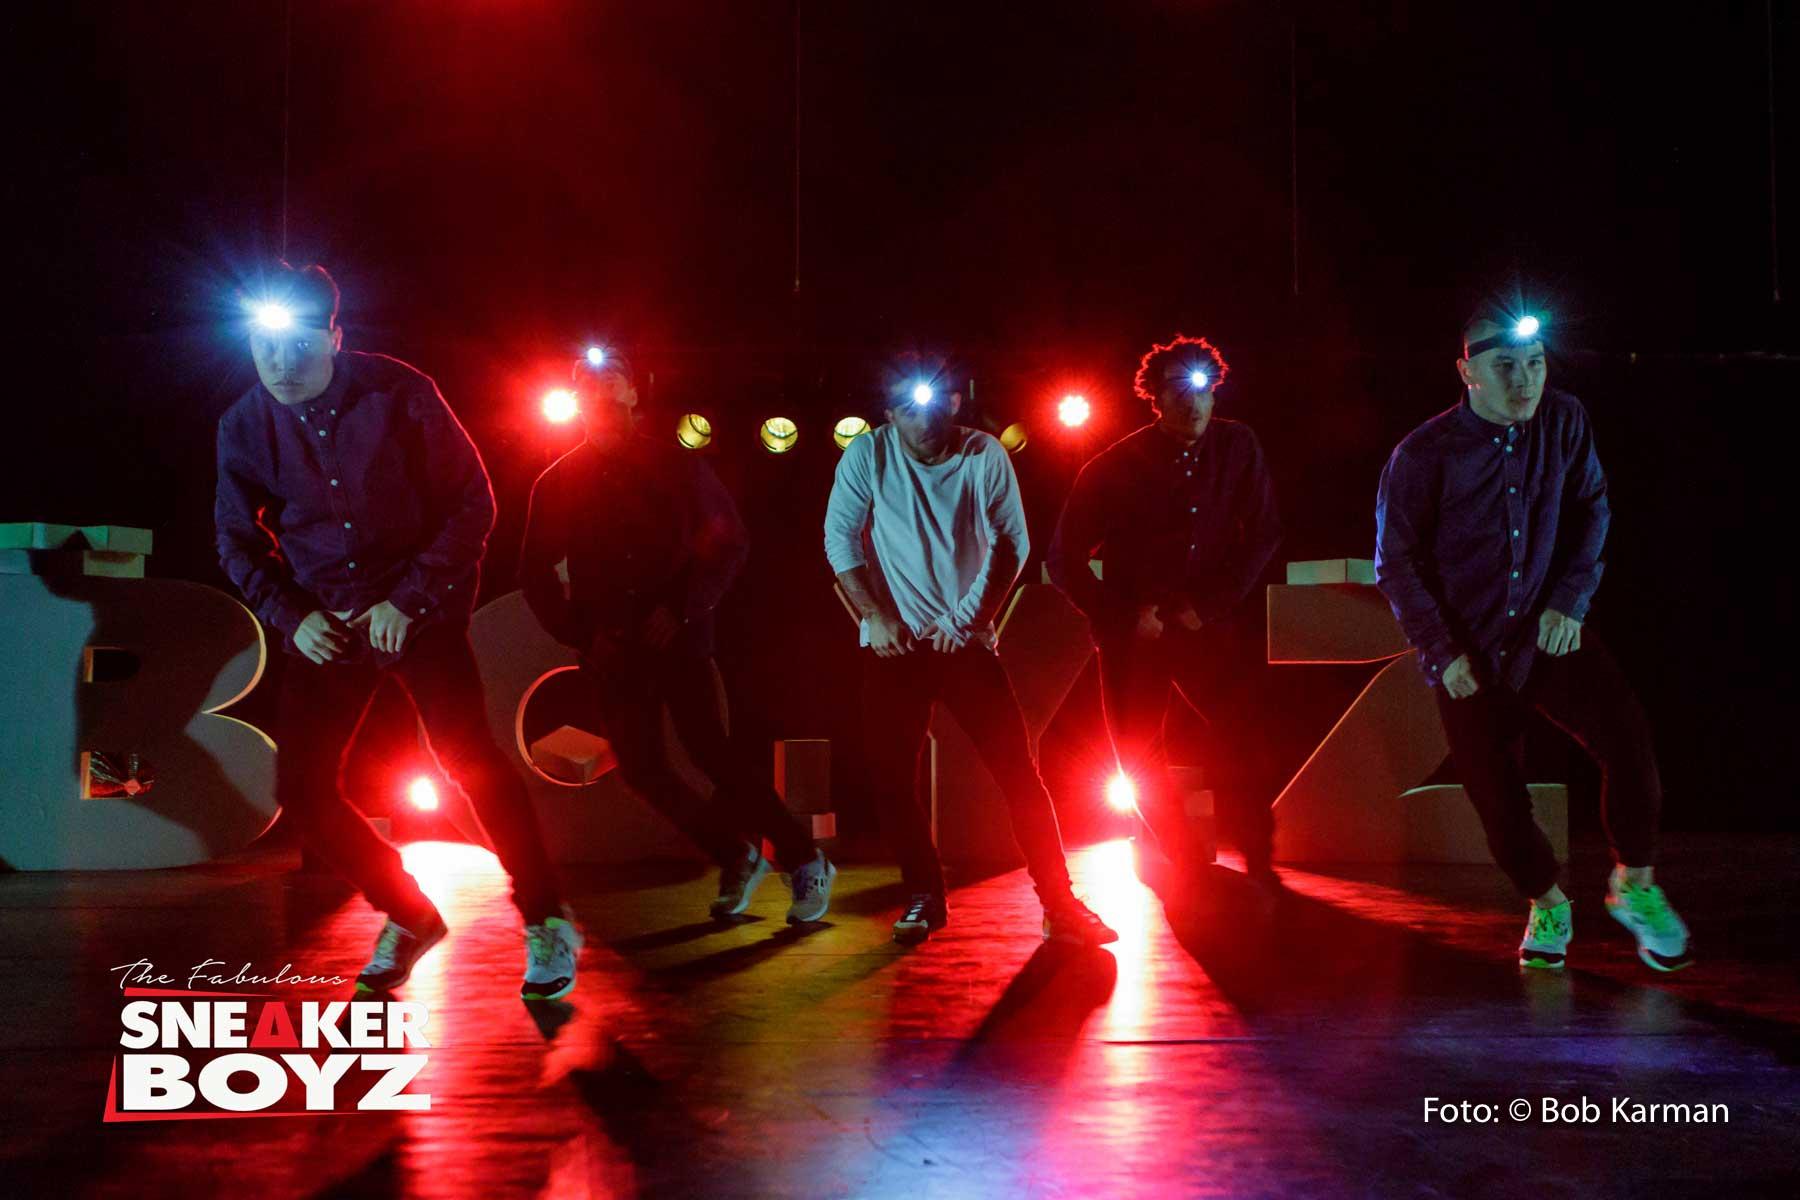 BNK201602-Sneakerboyz-1749-2